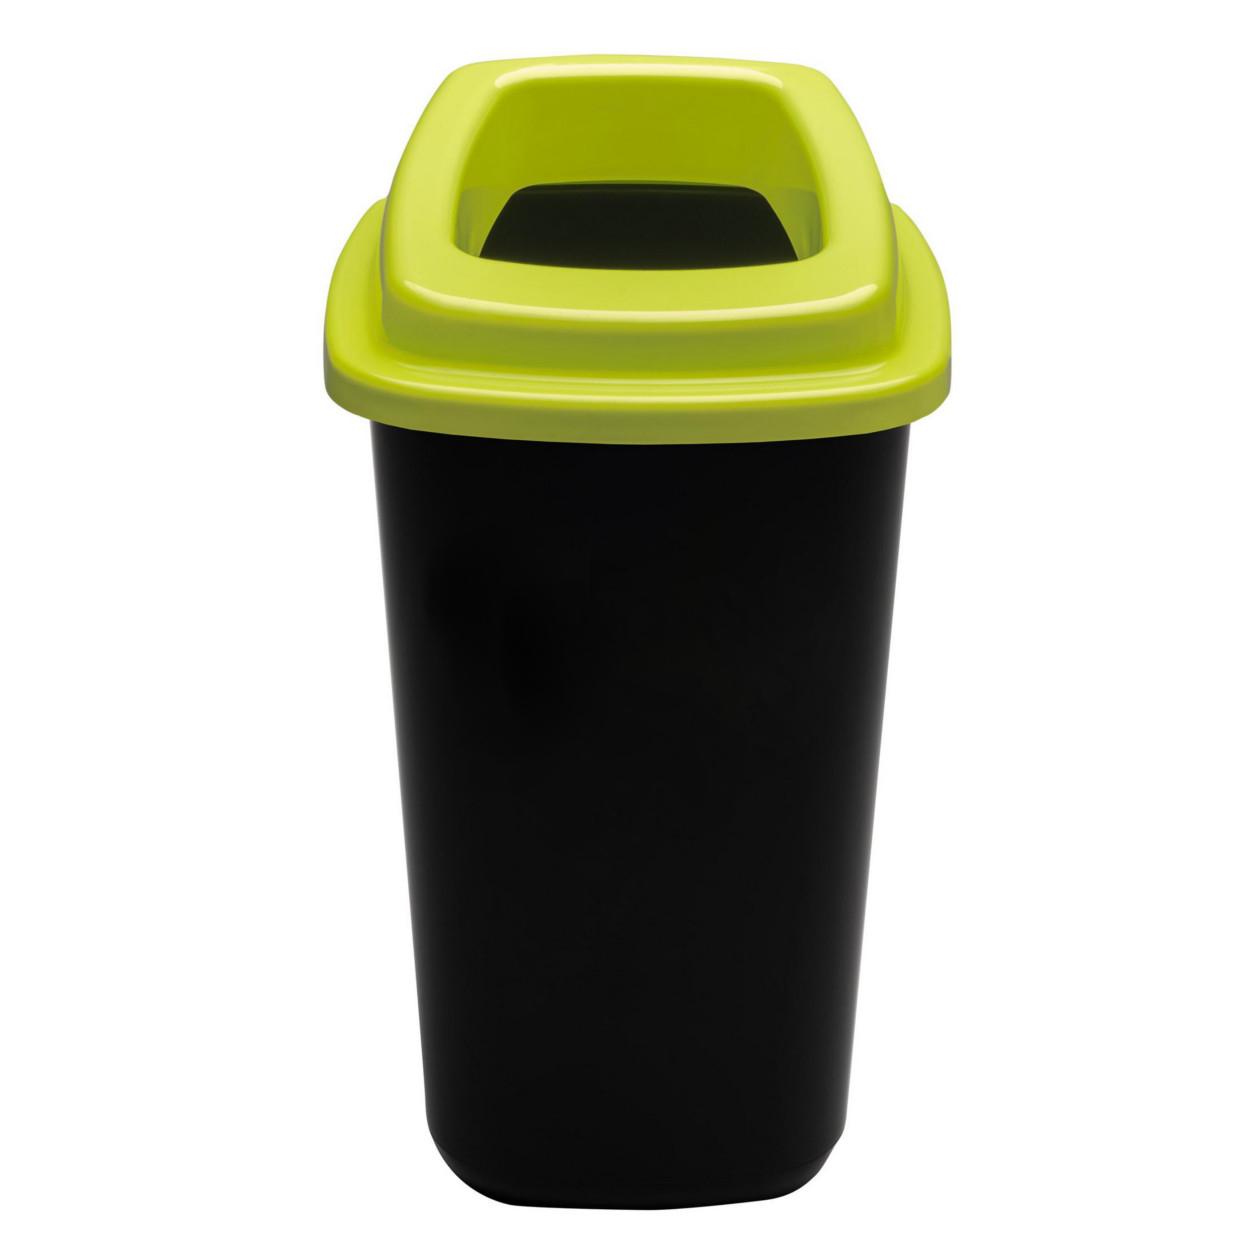 Plastikowy kosz do segregacji śmieci, 90 l, zielony